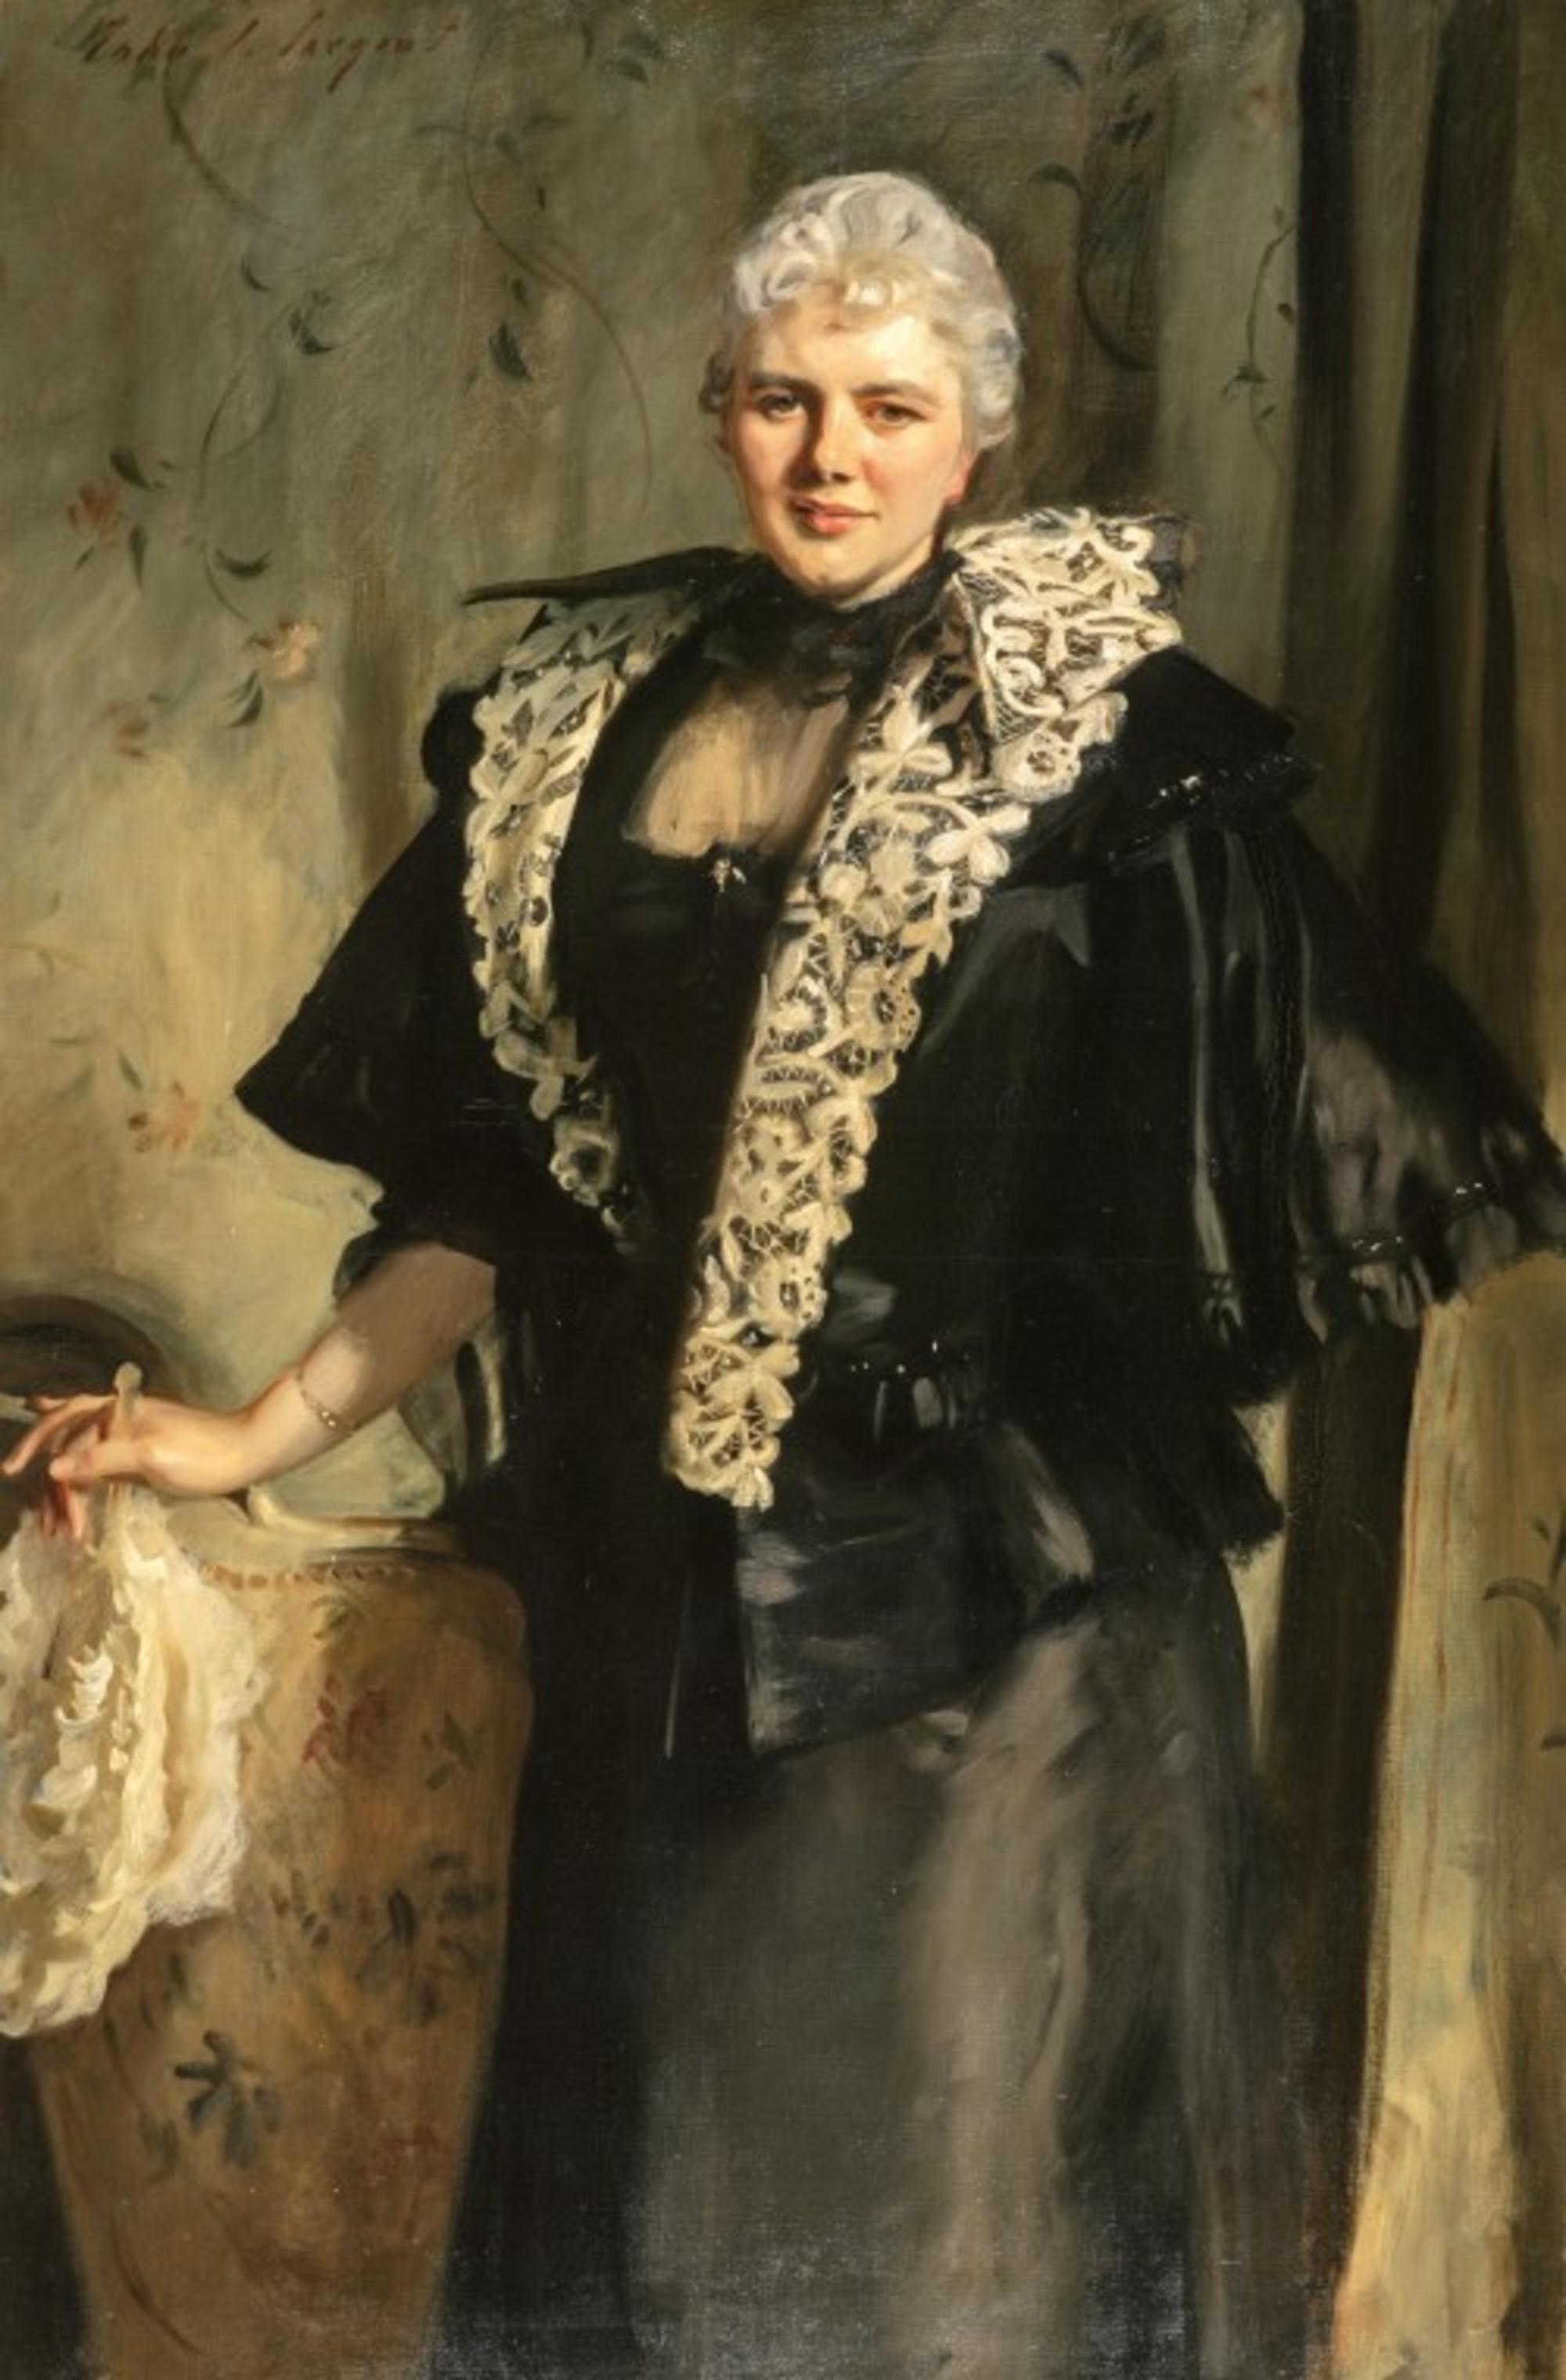 Constance-Wynne-Roberts-Mrs-Ernest-Hills-of-Redleaf---John-Singer-Sargent.jpg